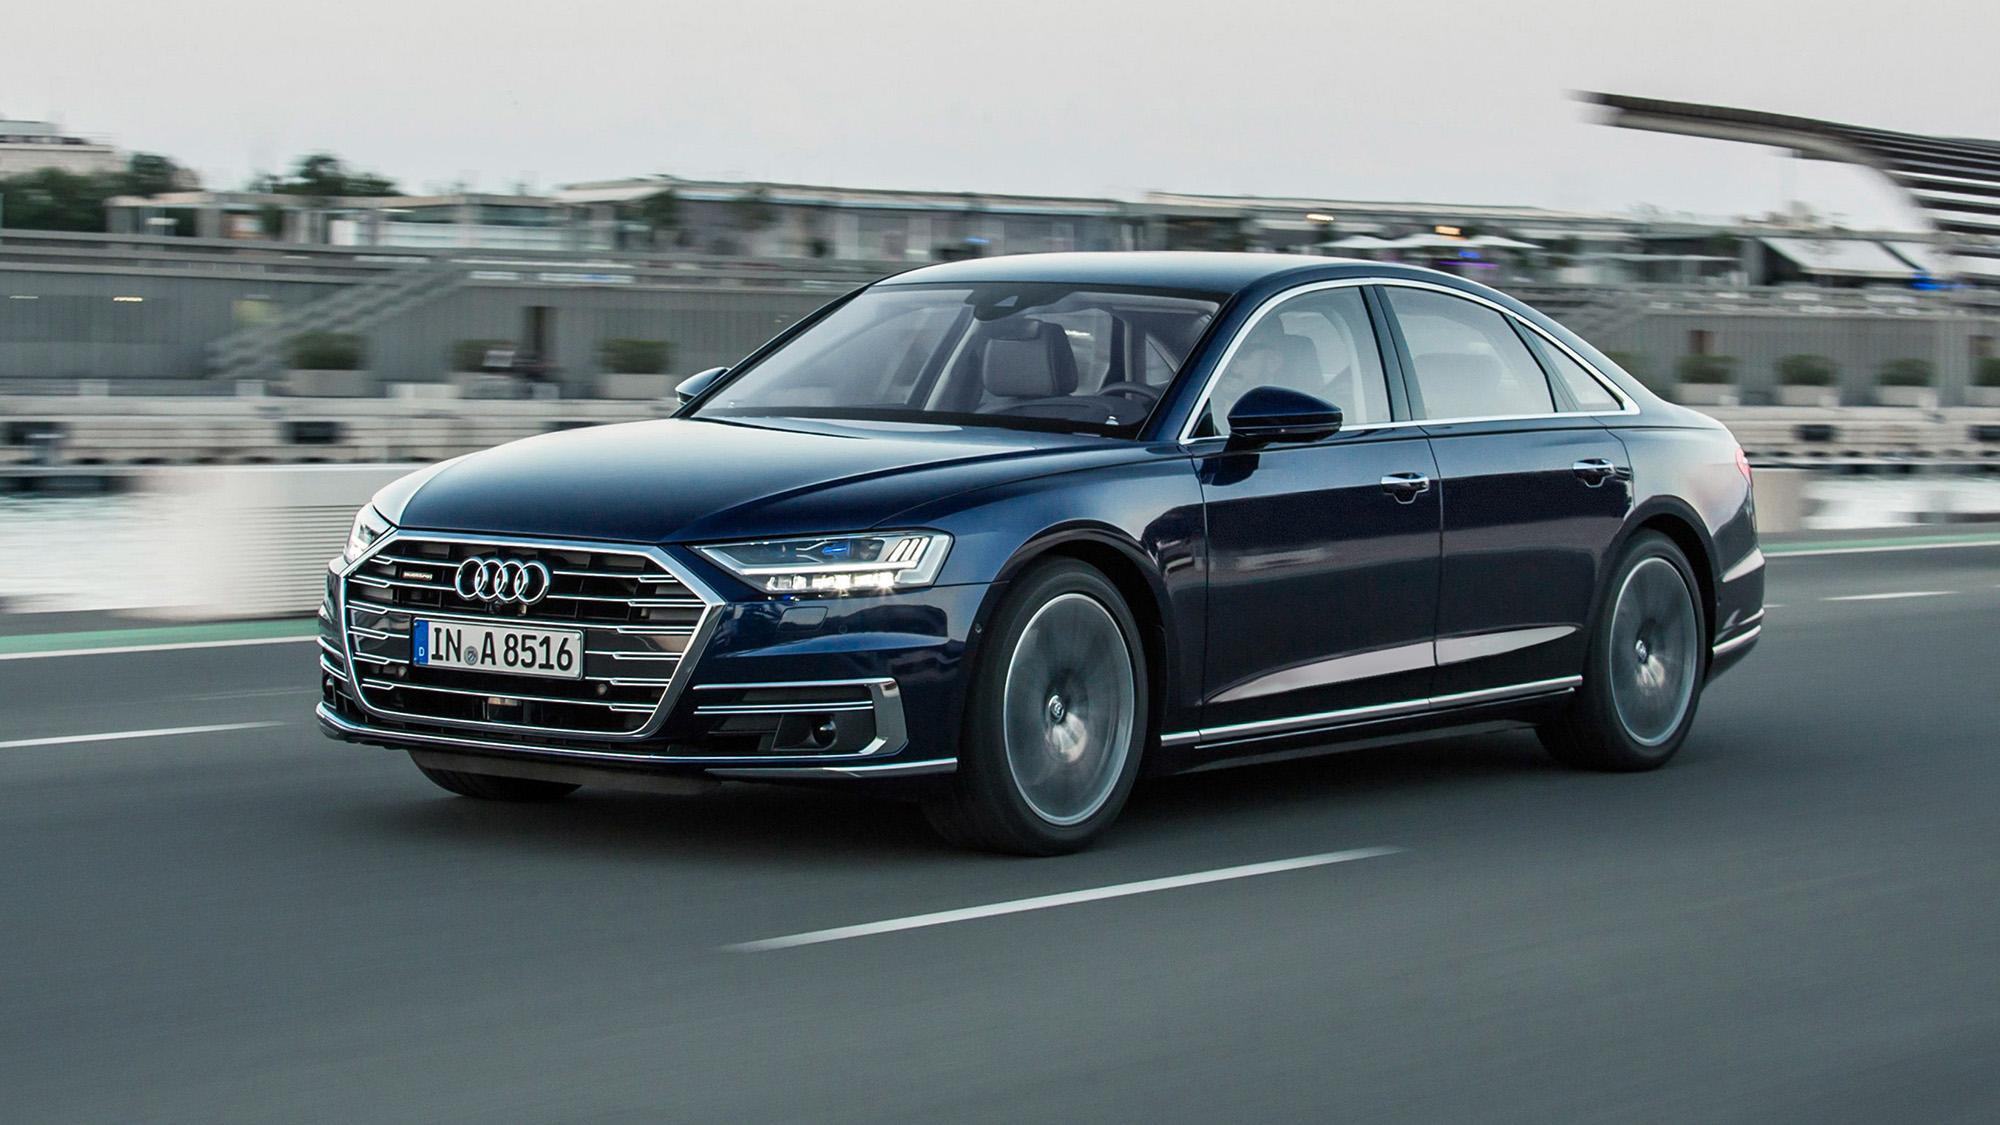 Kelebihan Kekurangan Audi A8 2018 Top Model Tahun Ini